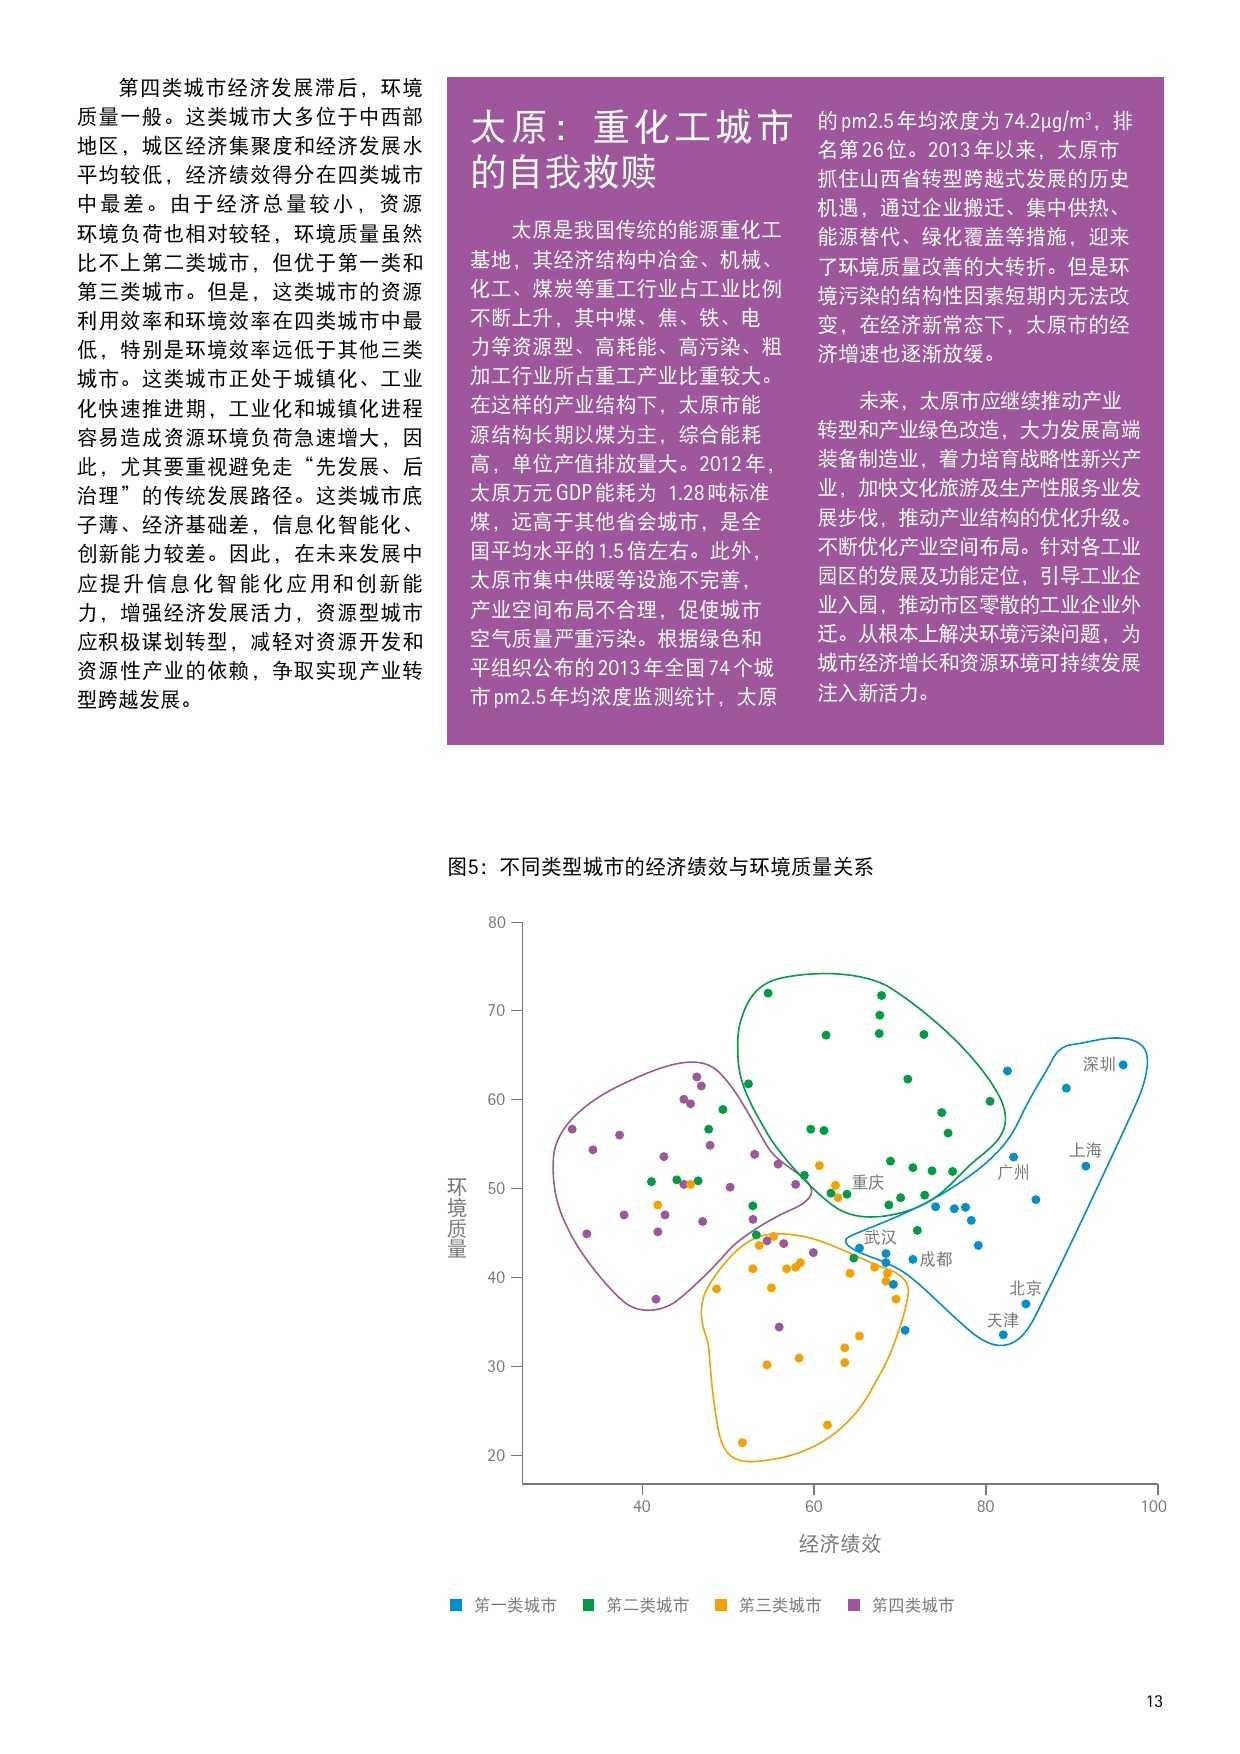 埃森哲&中科院:2015年新资源经济城市指数_000013